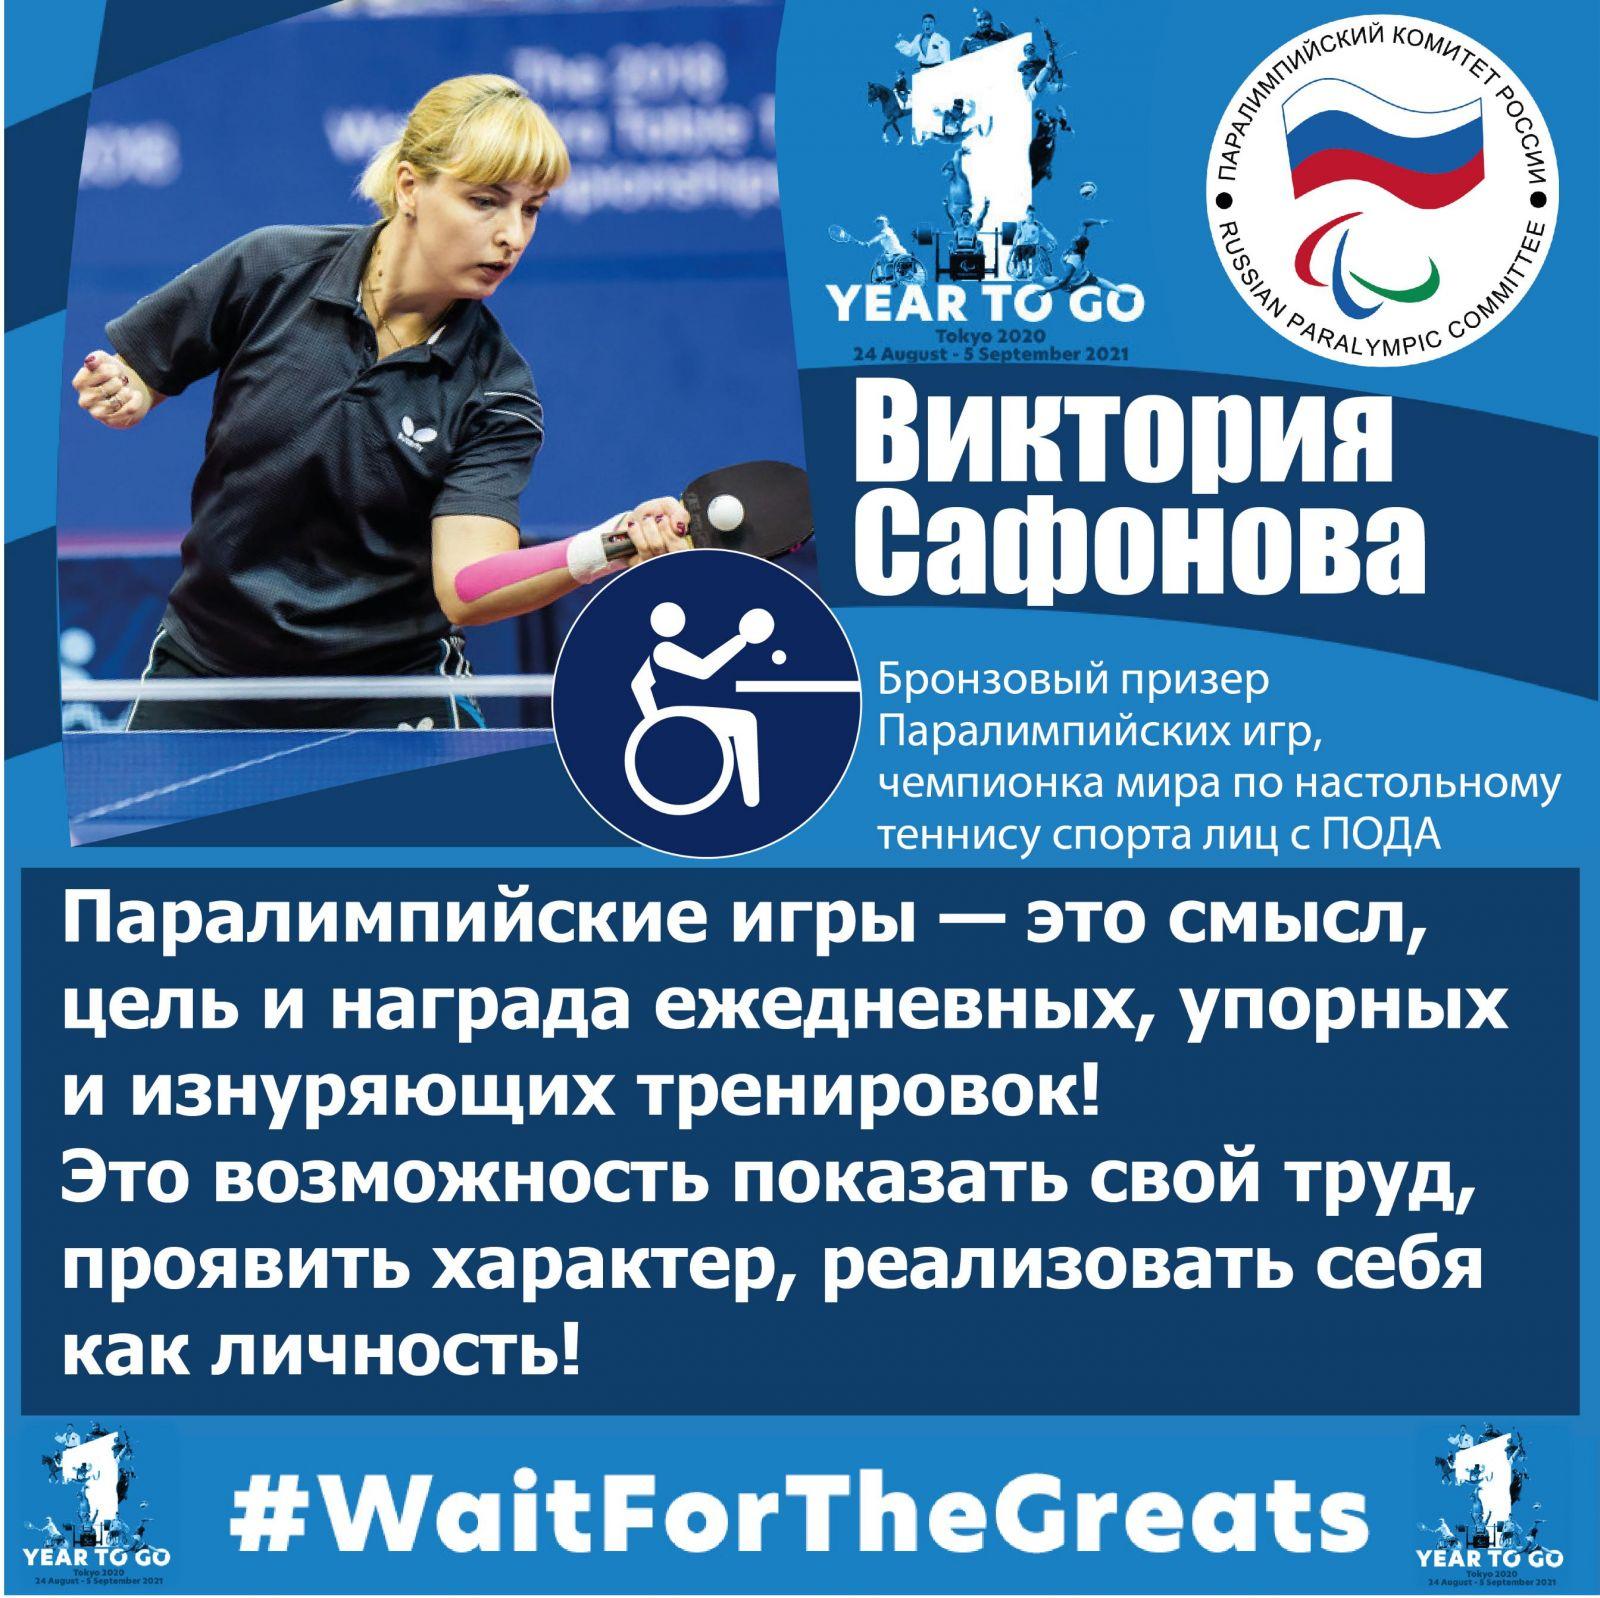 В. Сафонова: «Паралимпийские игры — это смысл, цель и награда ежедневных, упорных и изнуряющих тренировок! Это возможность показать свой труд, проявить характер, реализовать себя как личность!»